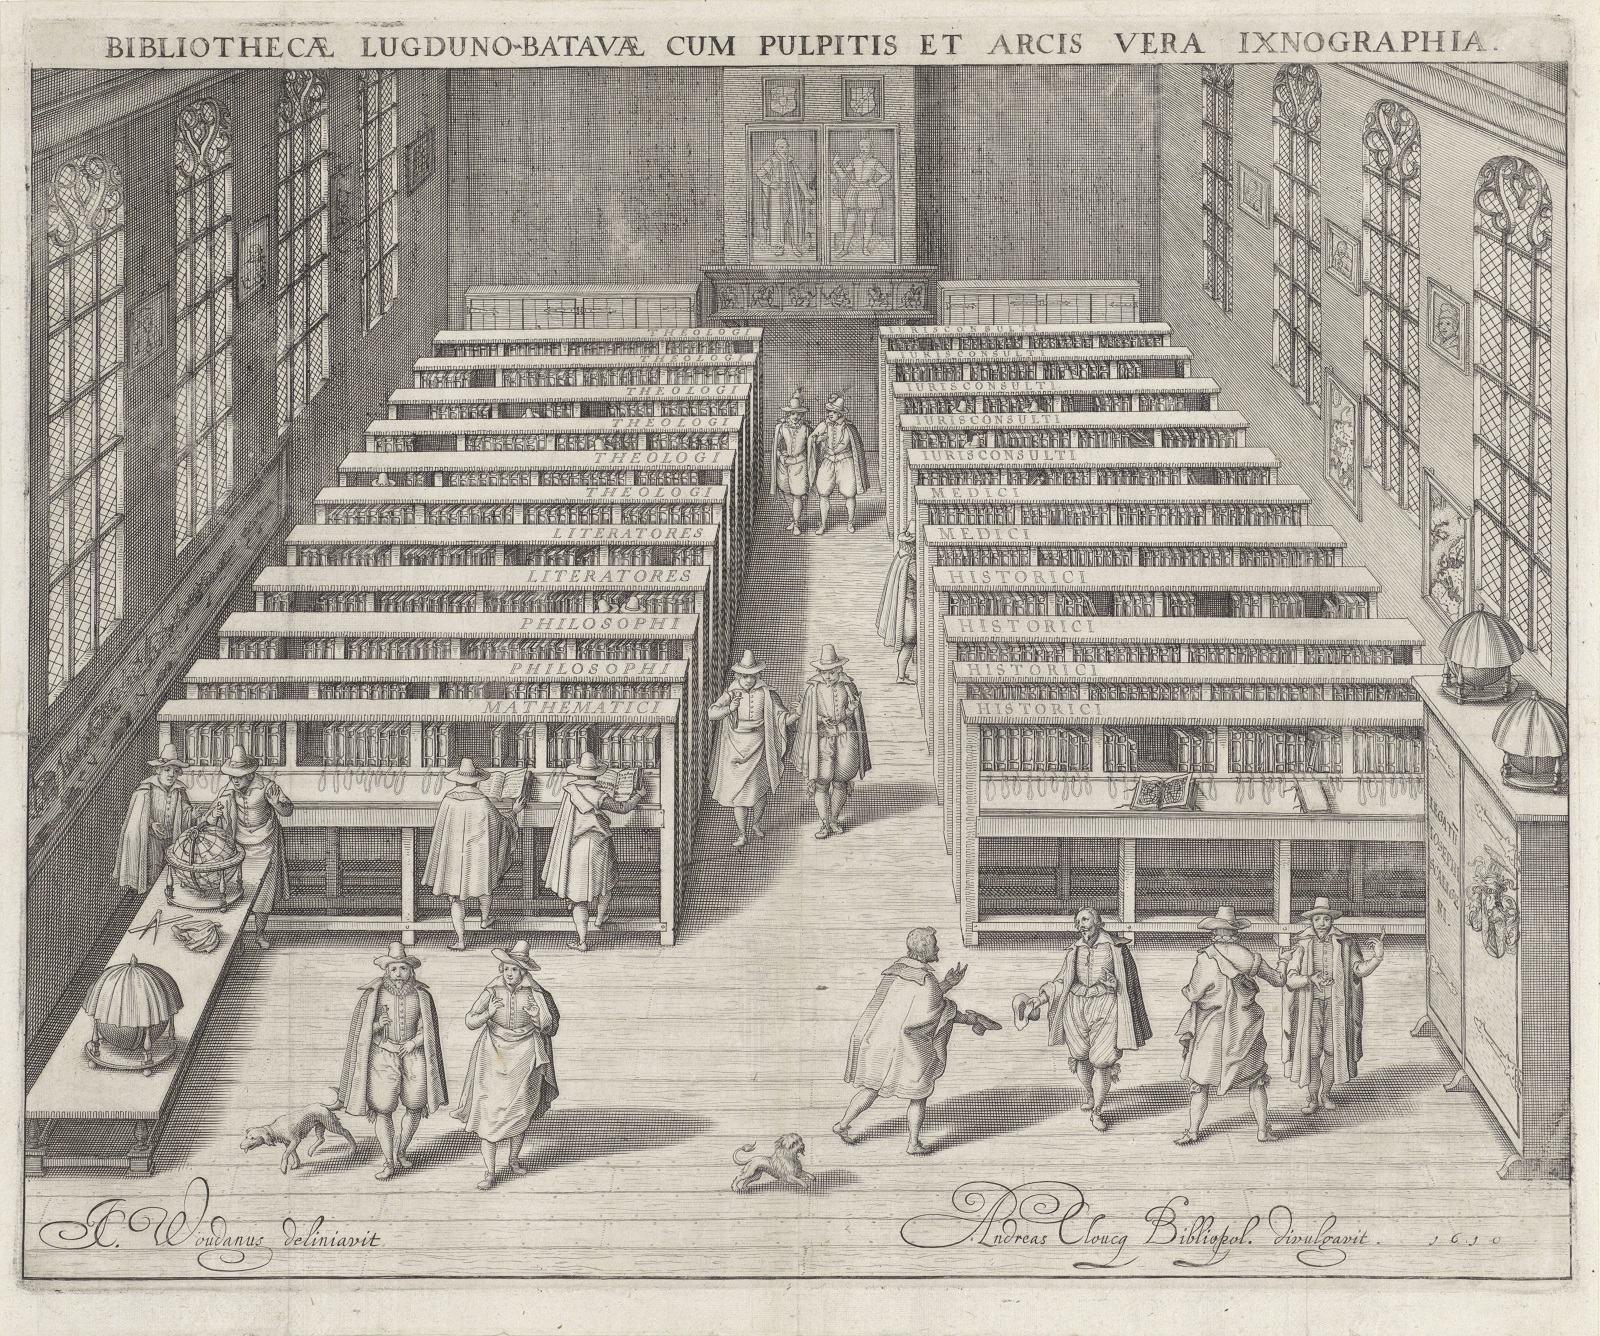 Biblioteka Uniwersytetu w Lejdze